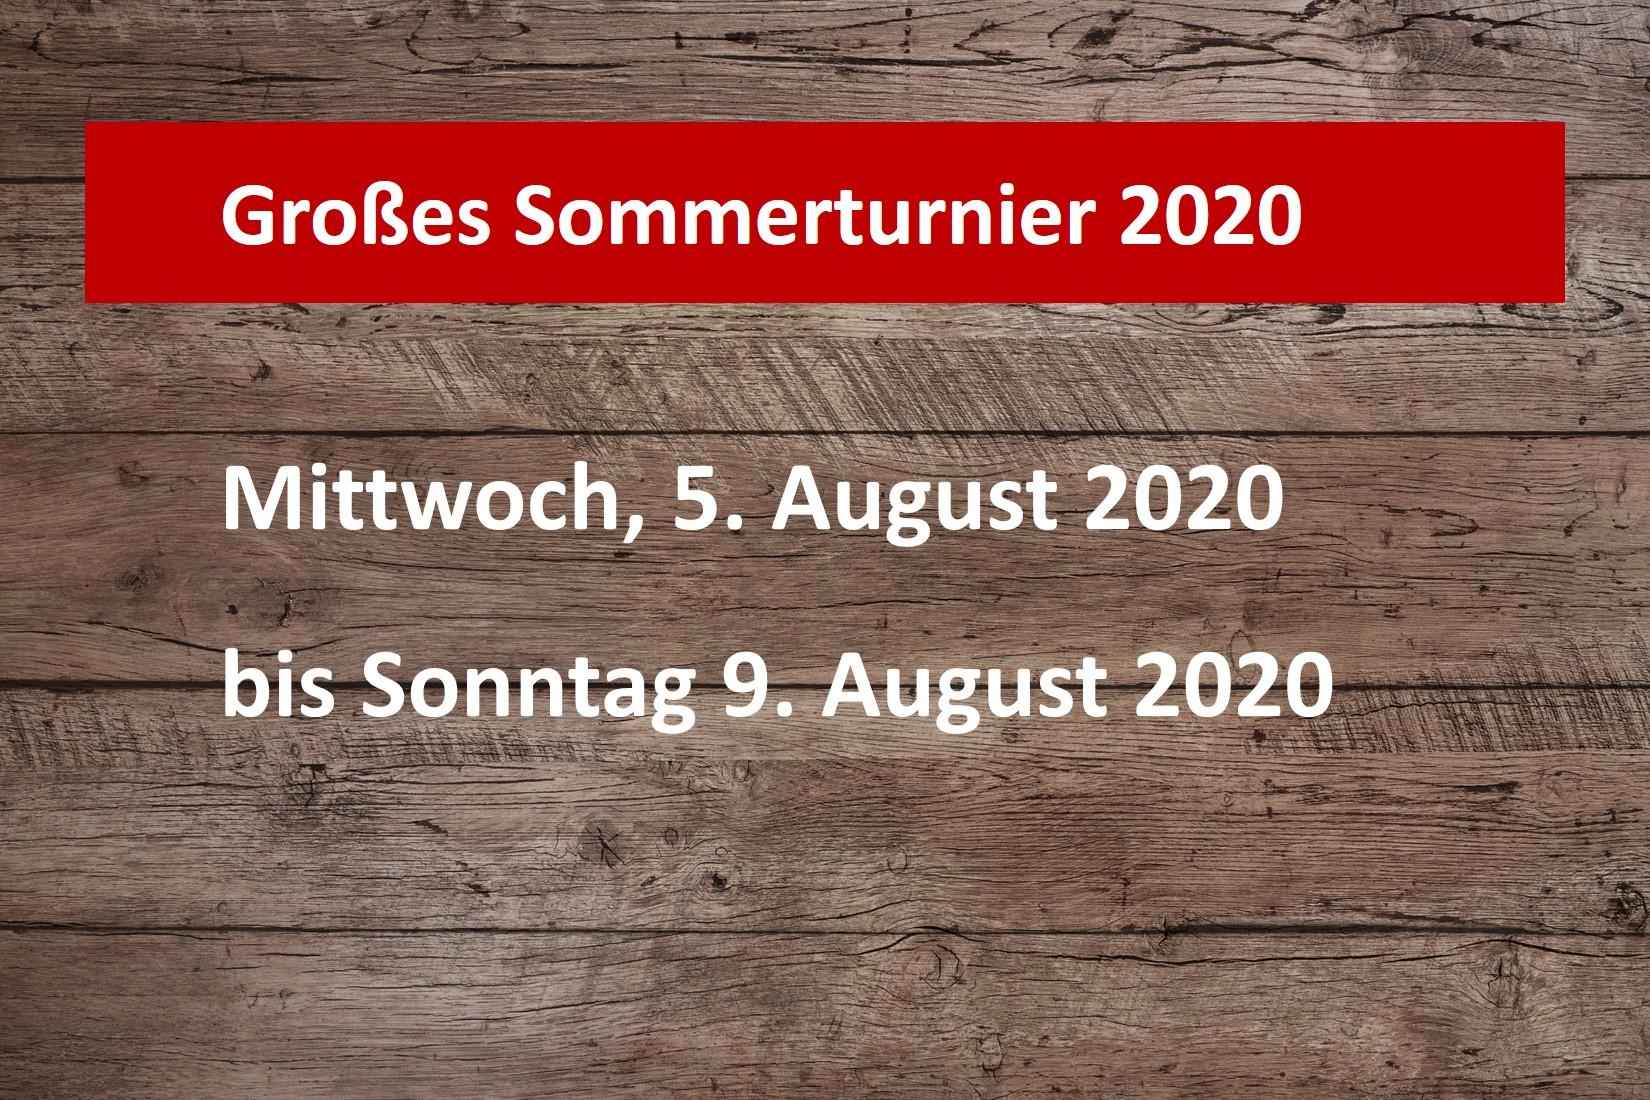 Sommerturnier 2020